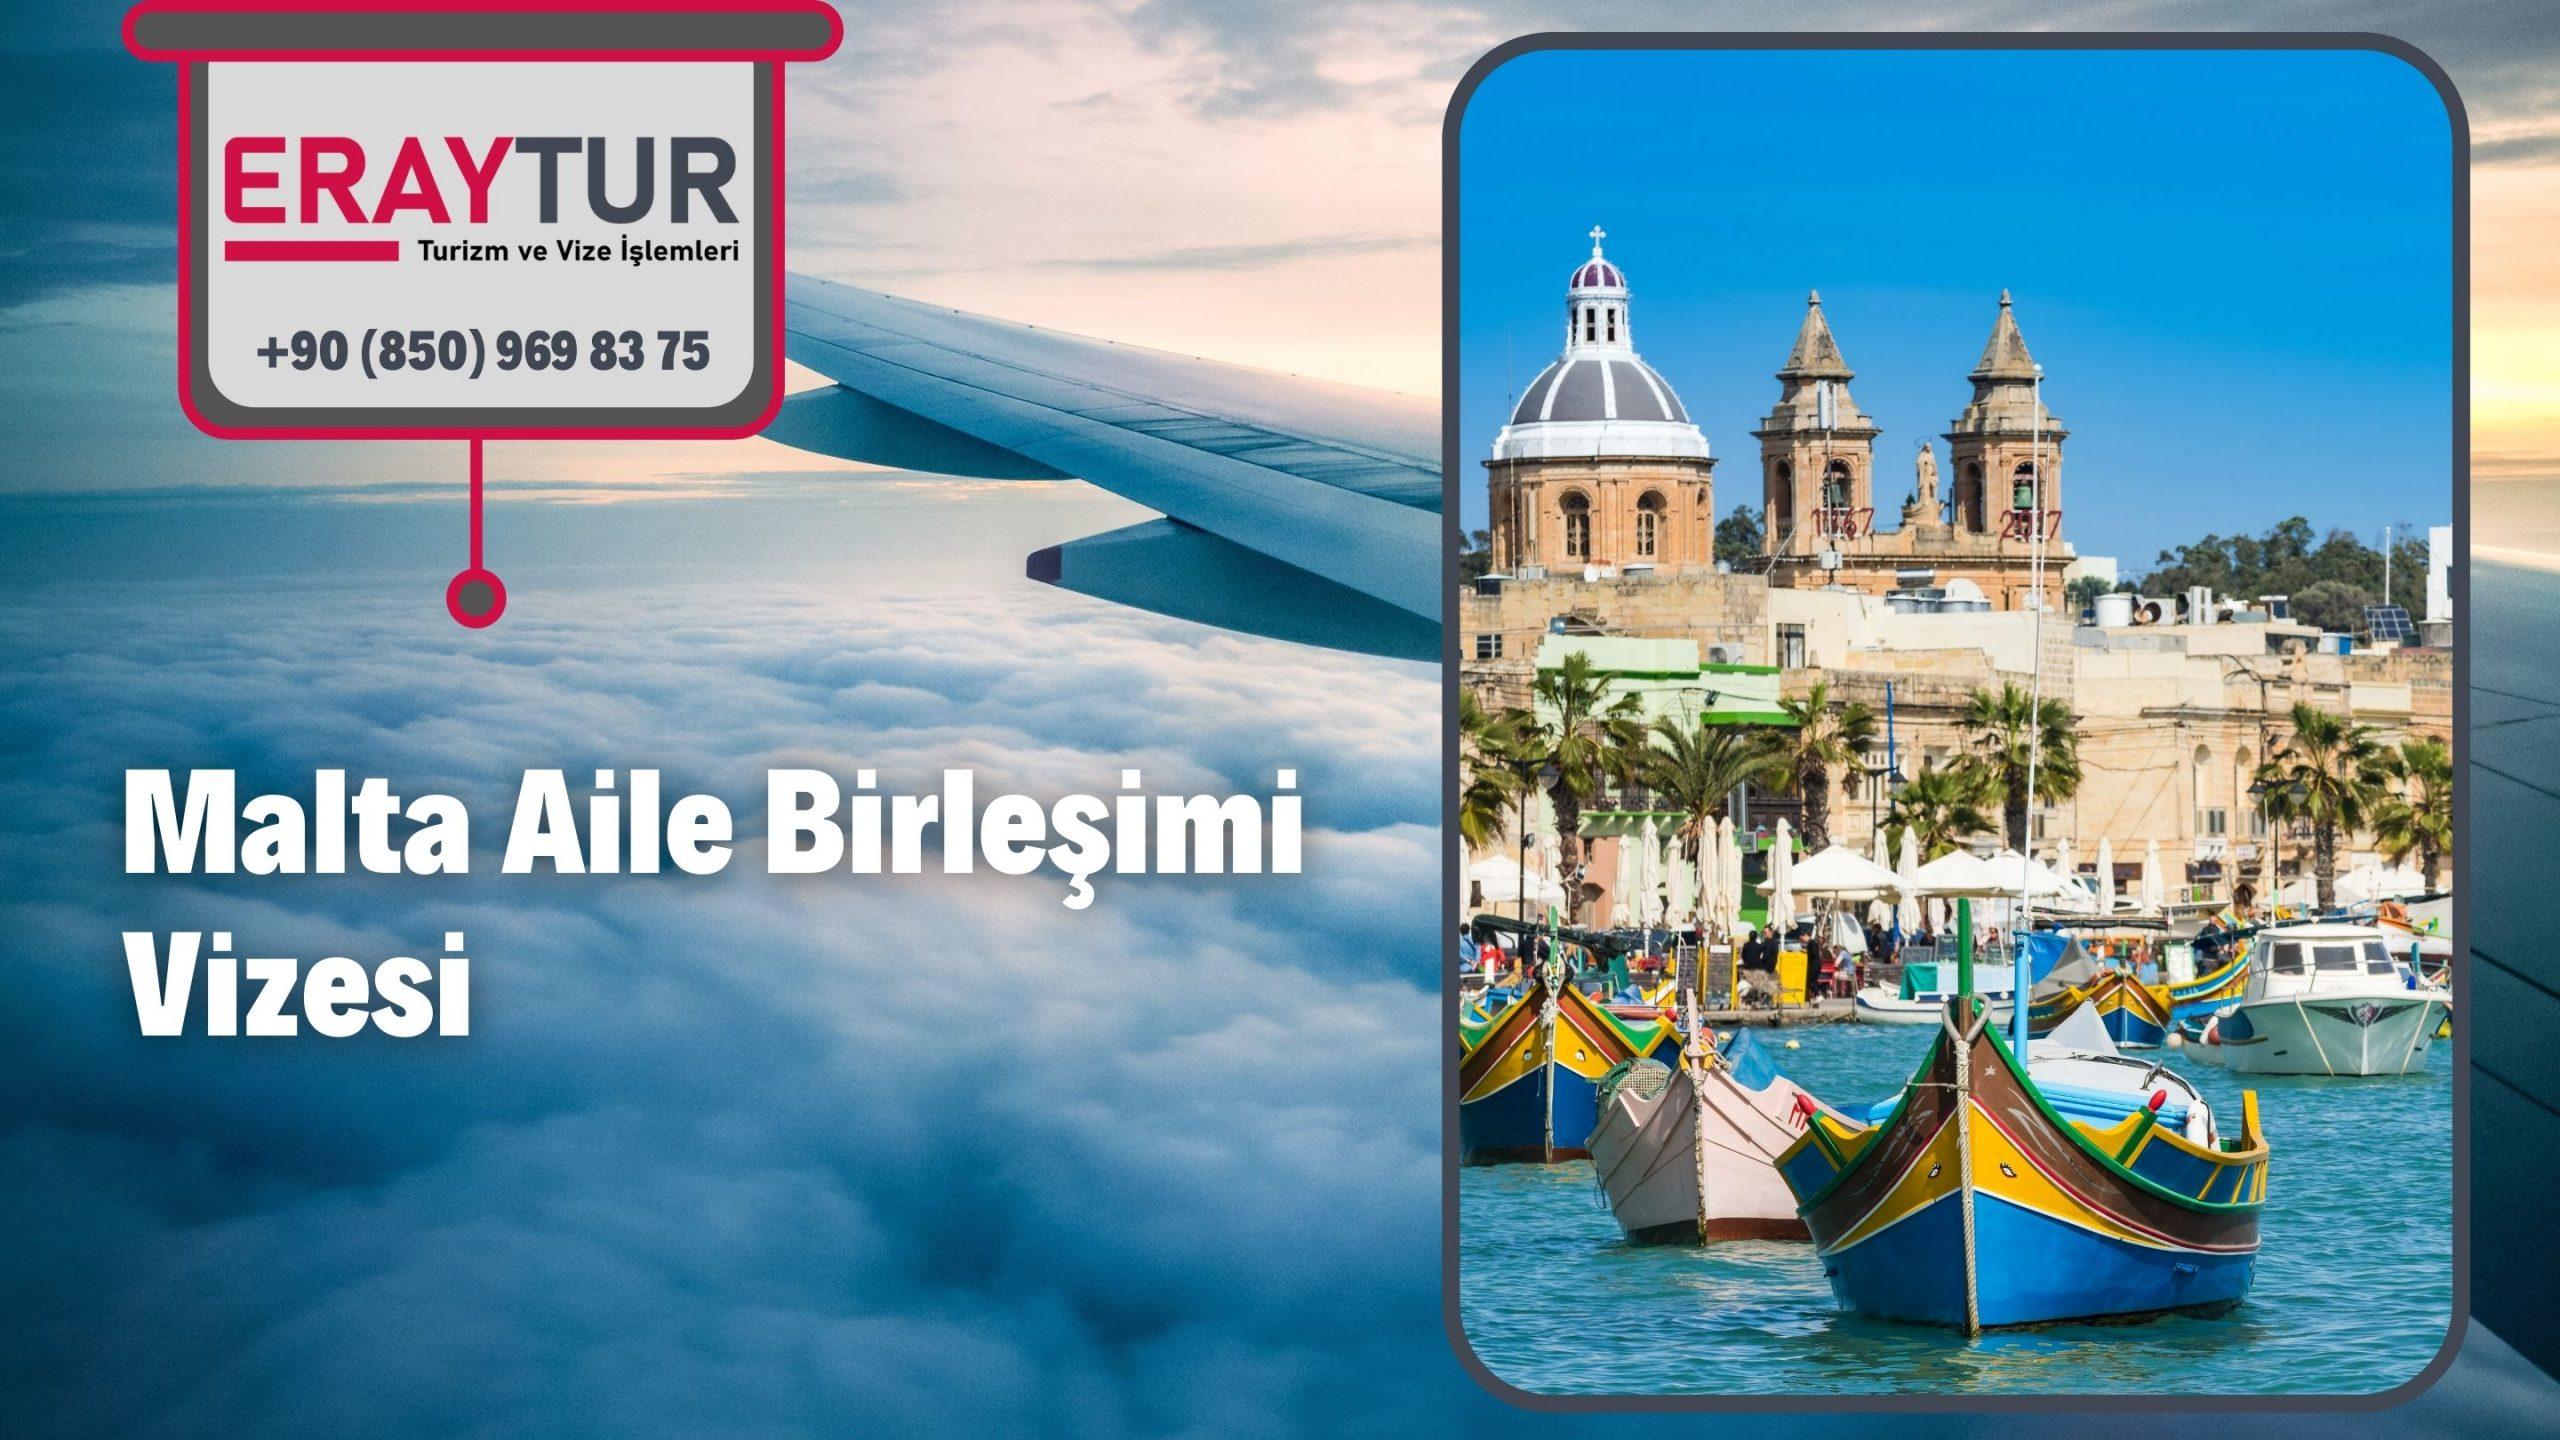 Malta Aile Birleşimi Vizesi 1 – malta aile birlesimi vizesi 2 scaled